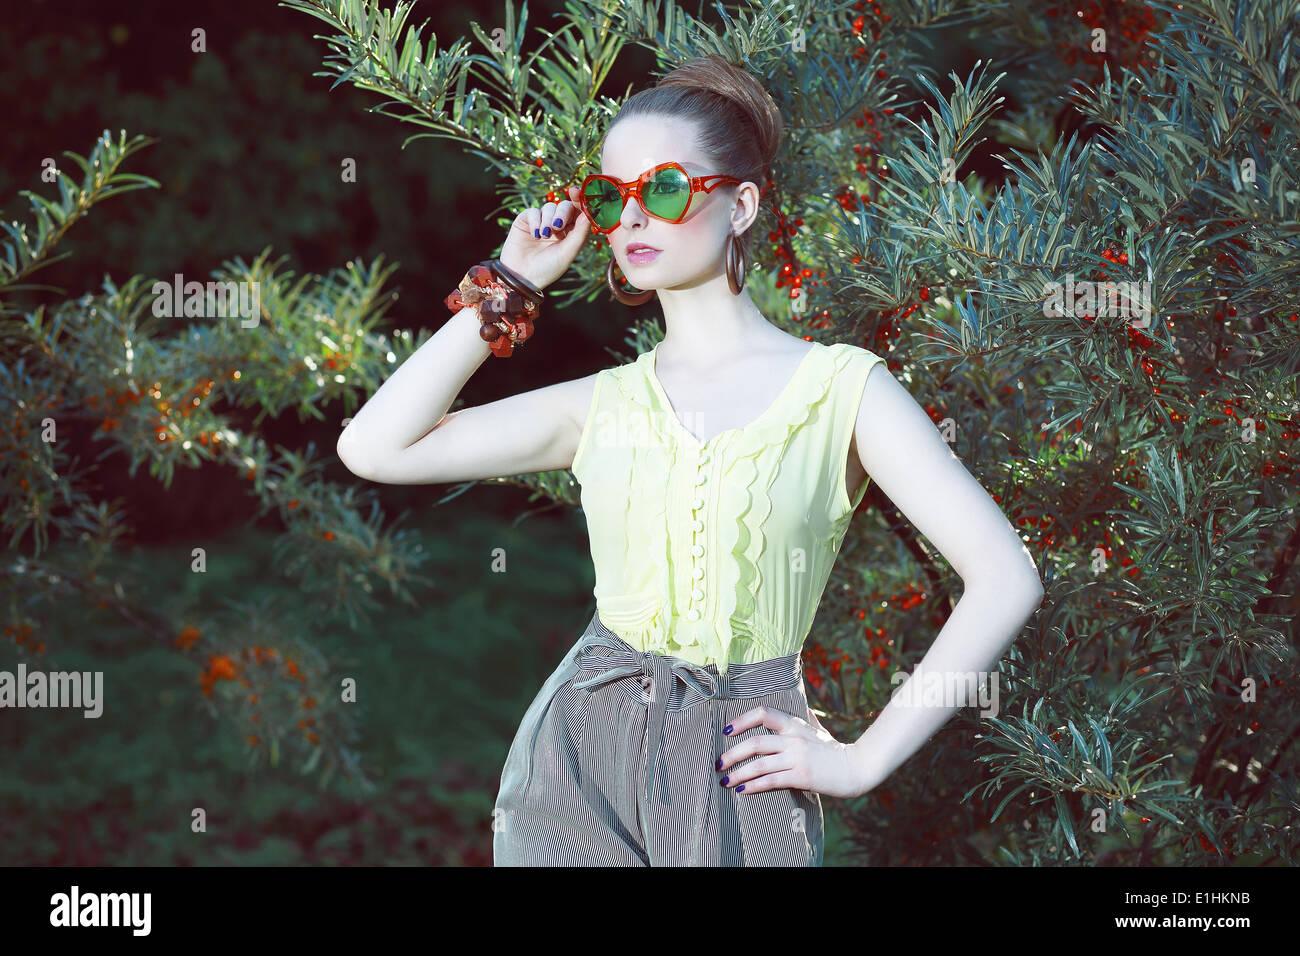 Charisma. Individualität. Luxuriöse Frau in ausgefallene Sonnenbrillen außerhalb Stockbild